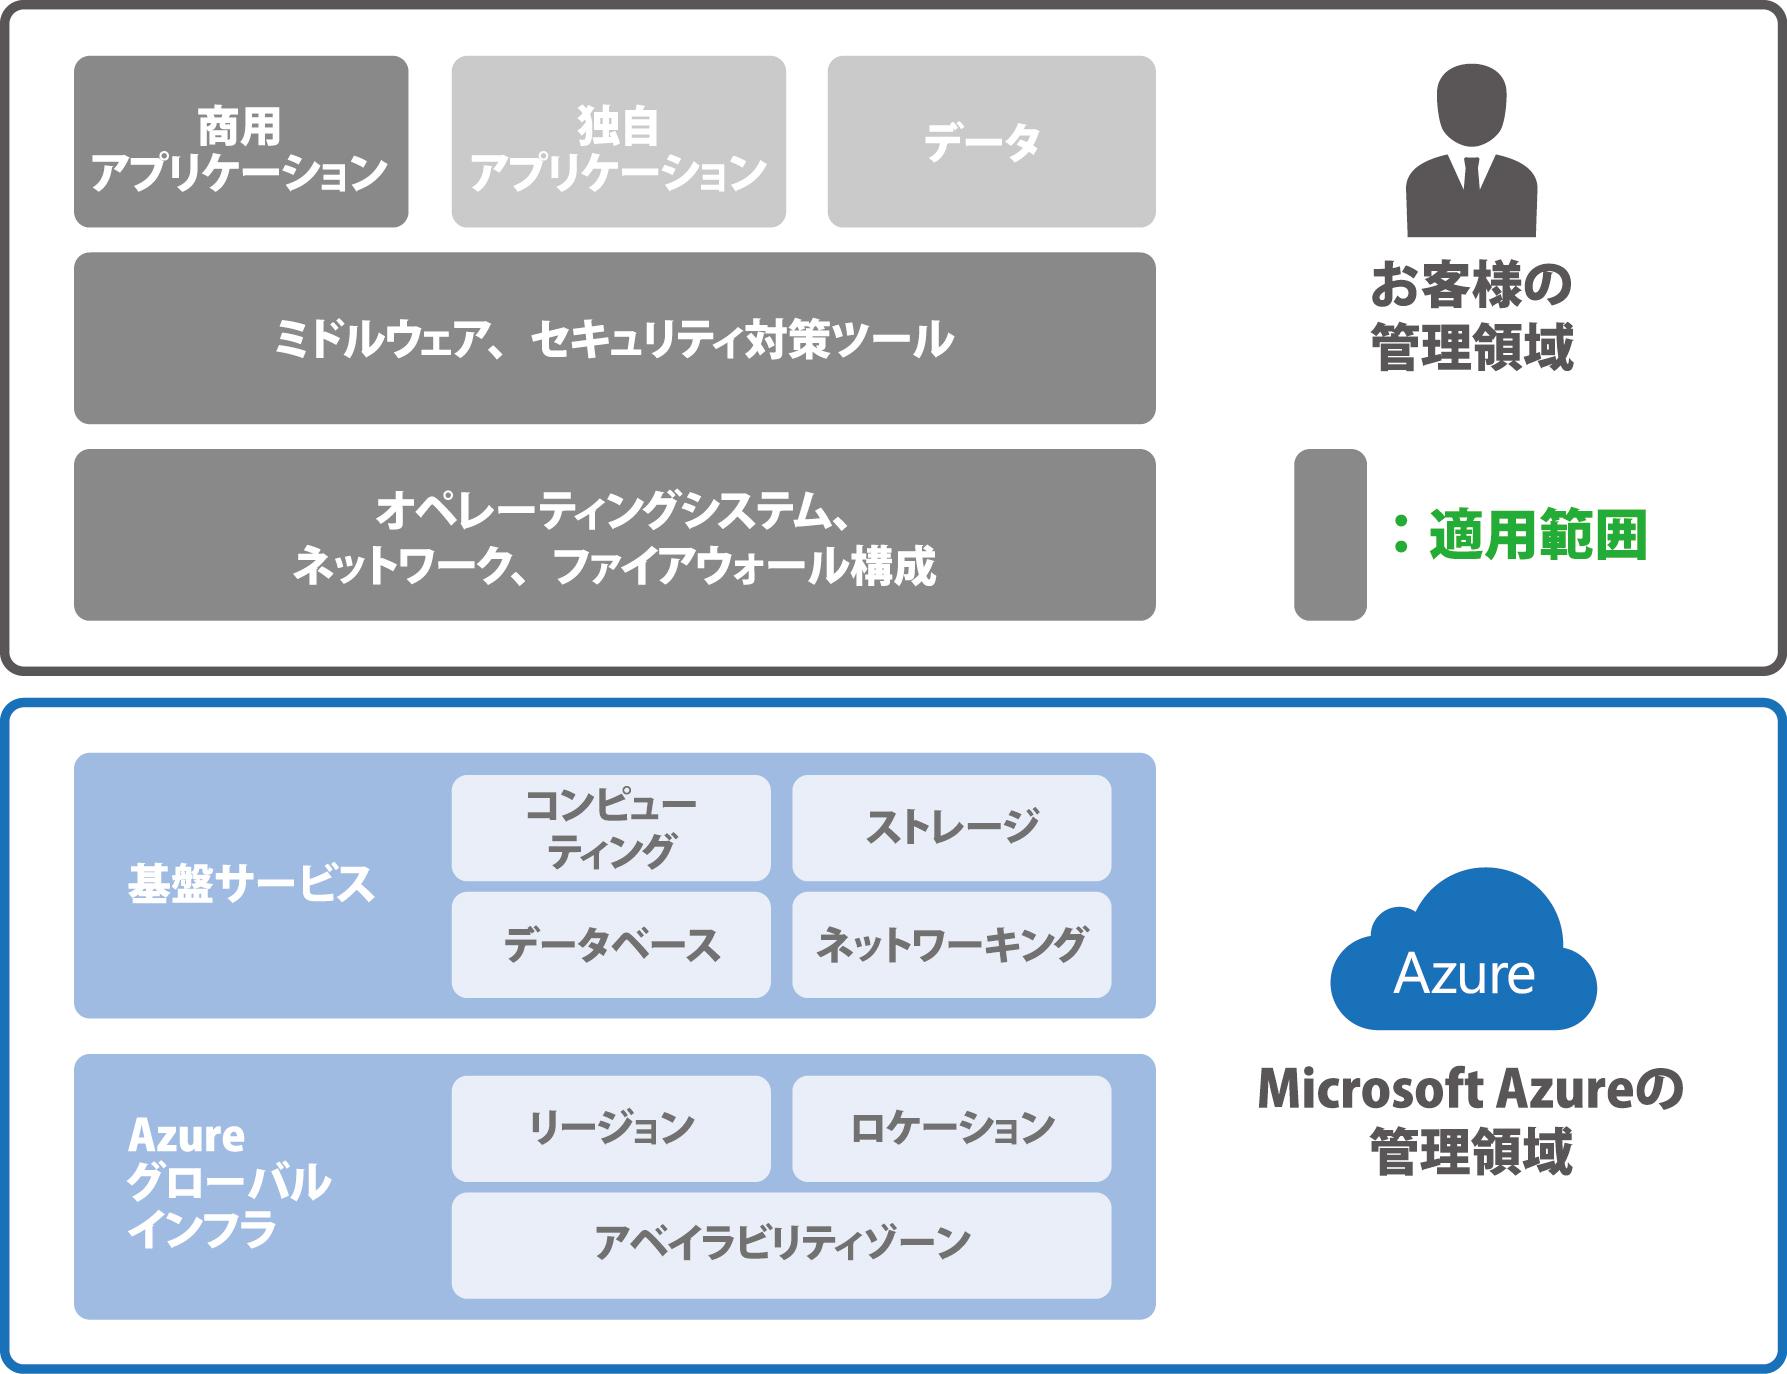 Azure セキュリティパッチ適用範囲